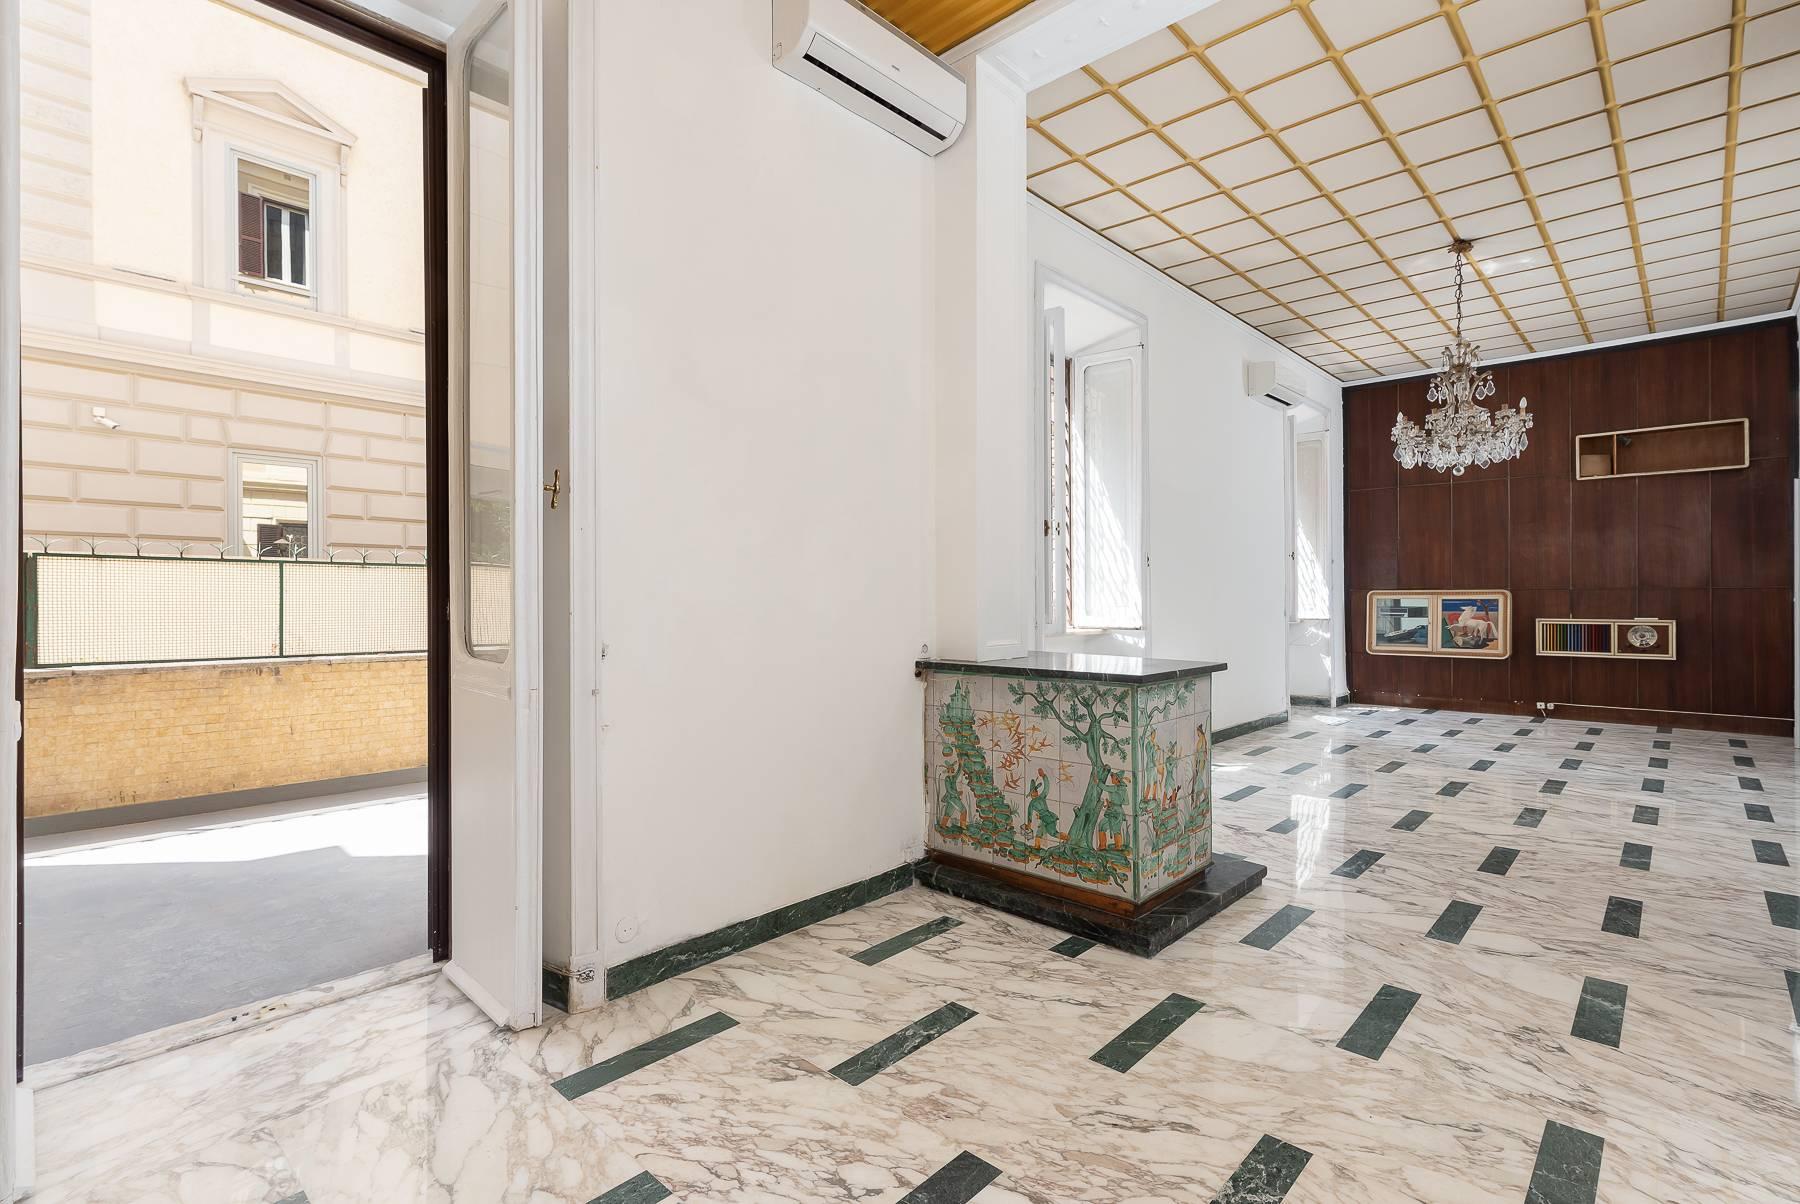 Ufficio-studio in Vendita a Roma: 5 locali, 322 mq - Foto 11